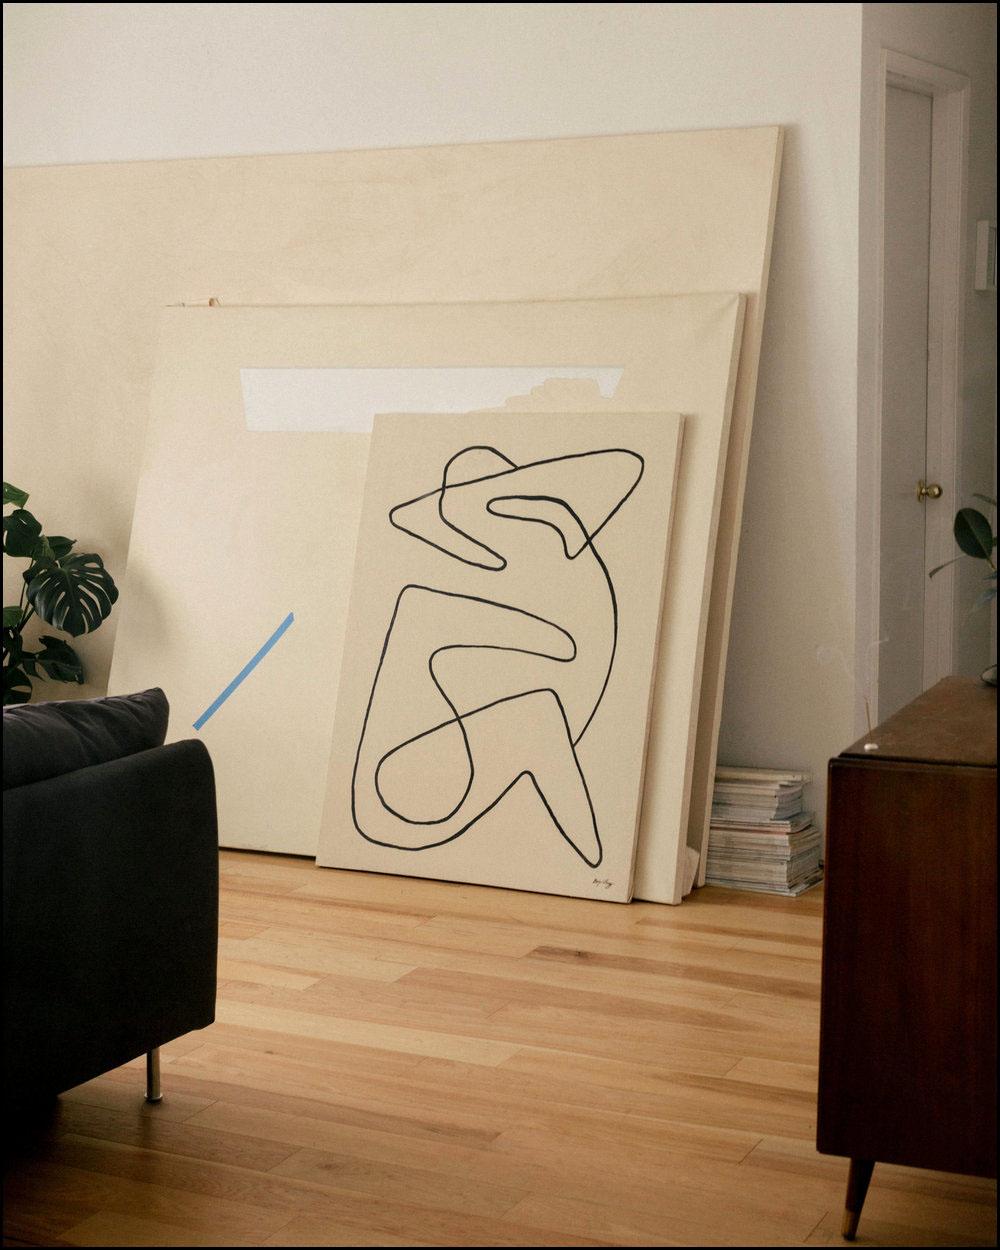 Bide  - 2017 -Ink & Acrylic on Canvas -36 x 48 Inches (91.4 x 121.9cm)